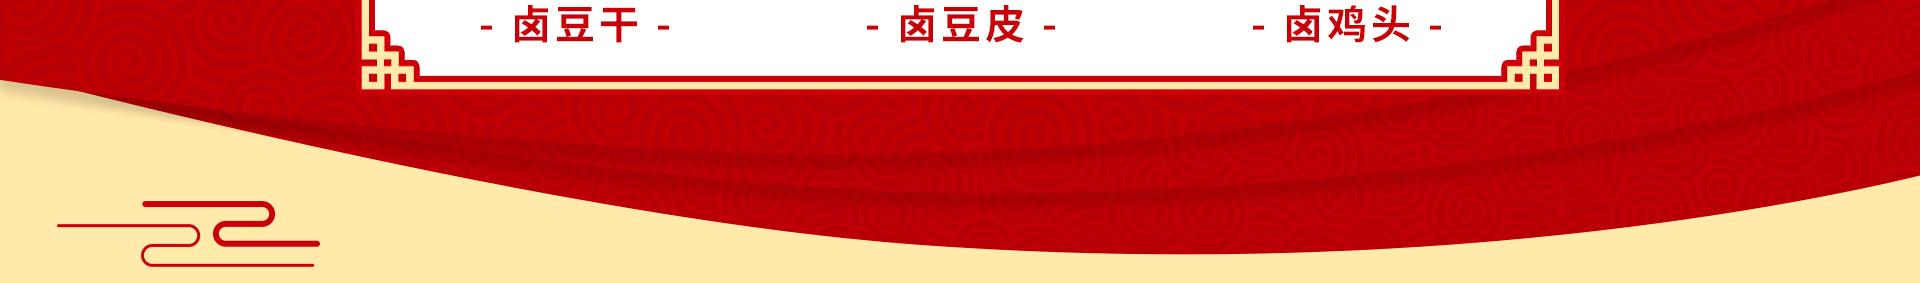 关中秦味老碗面gzqw_15